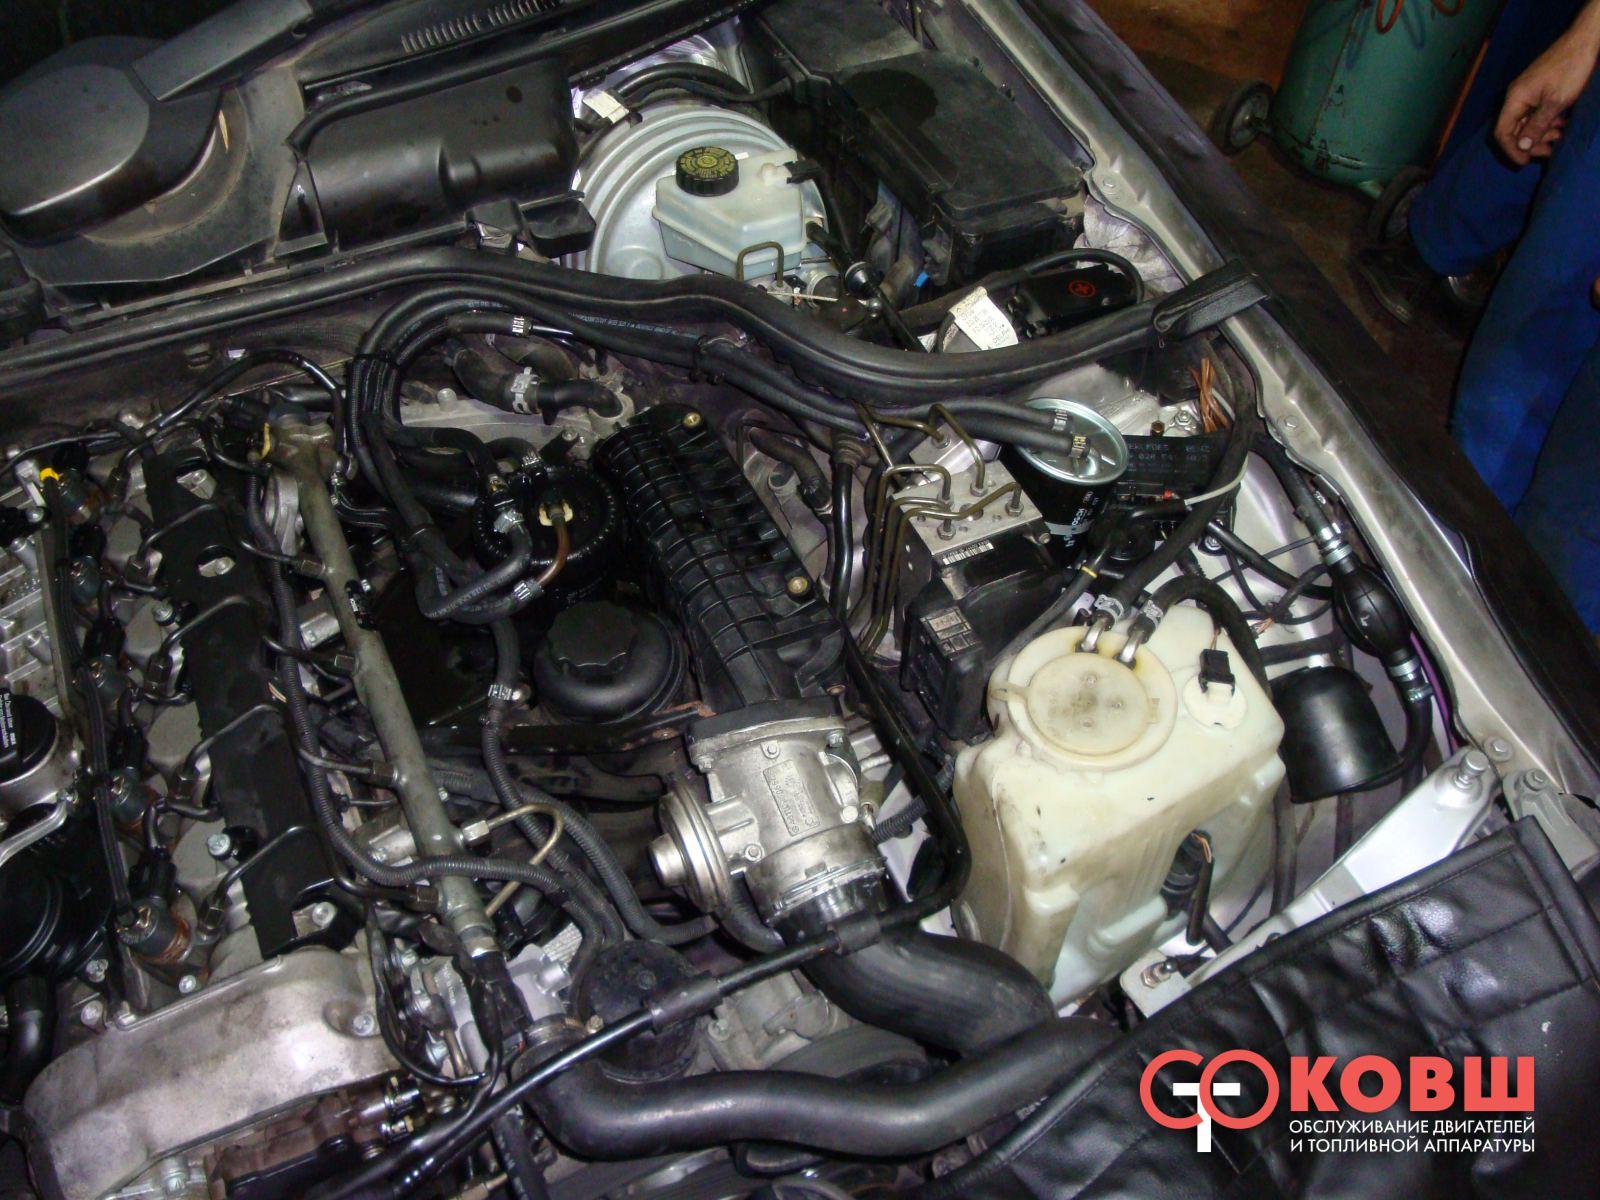 двигатель1 hd t схема вакуумных магистралей дизель